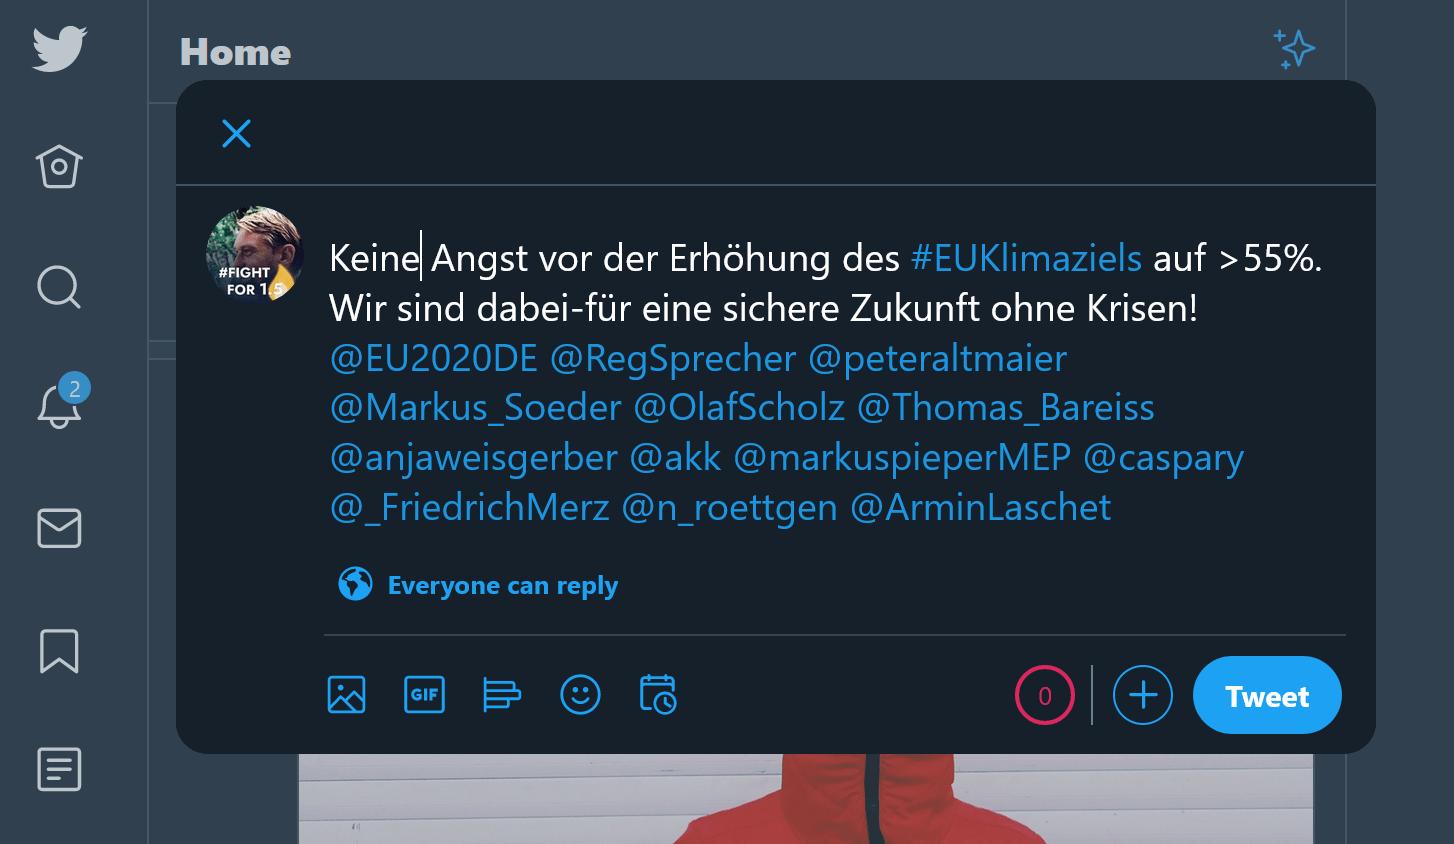 Zukunft Sichern - Action - Tweet